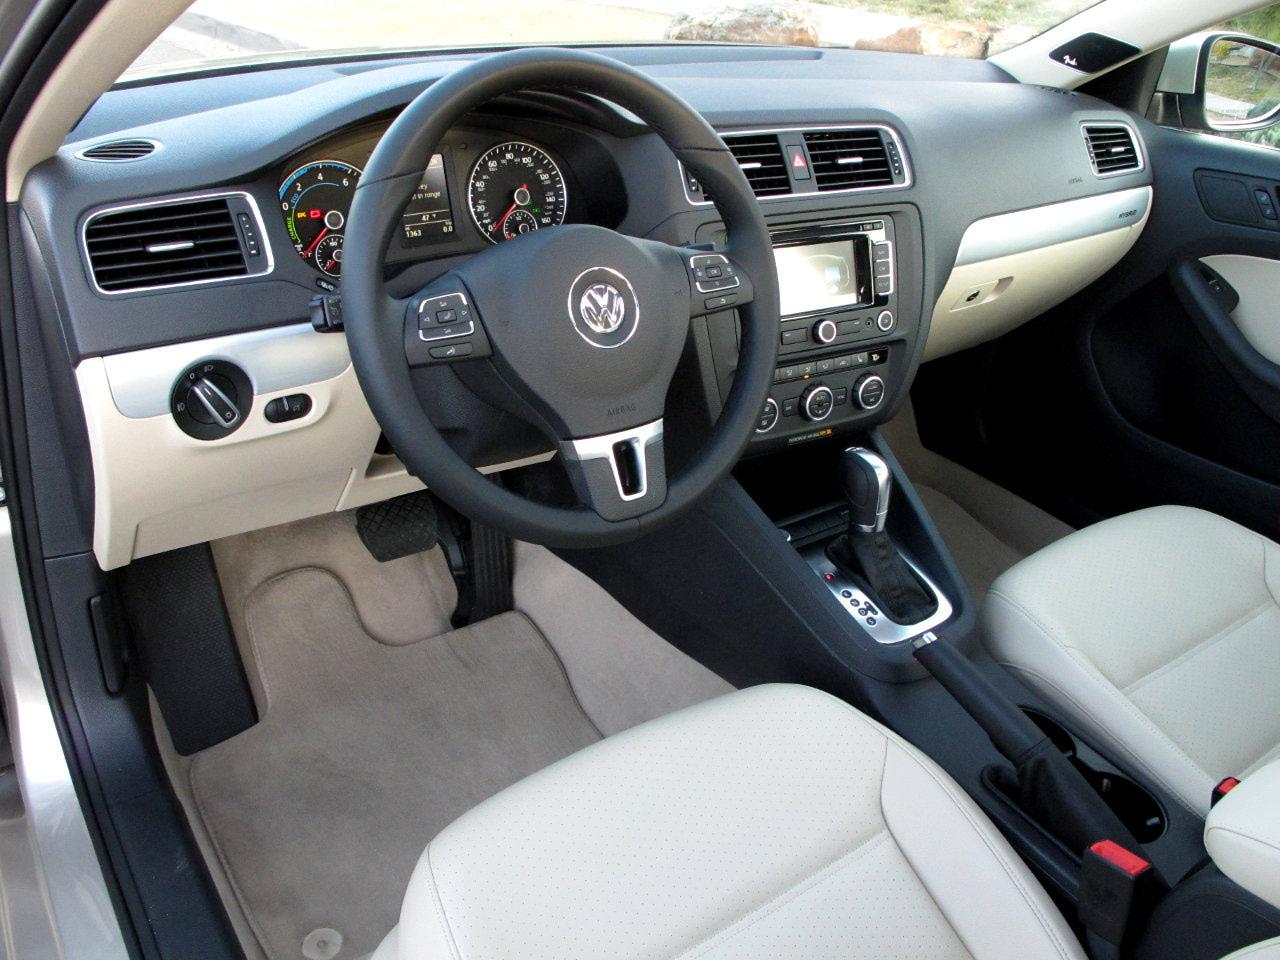 2013 Volkswagen Jetta Hybrid Price Automotive Prices